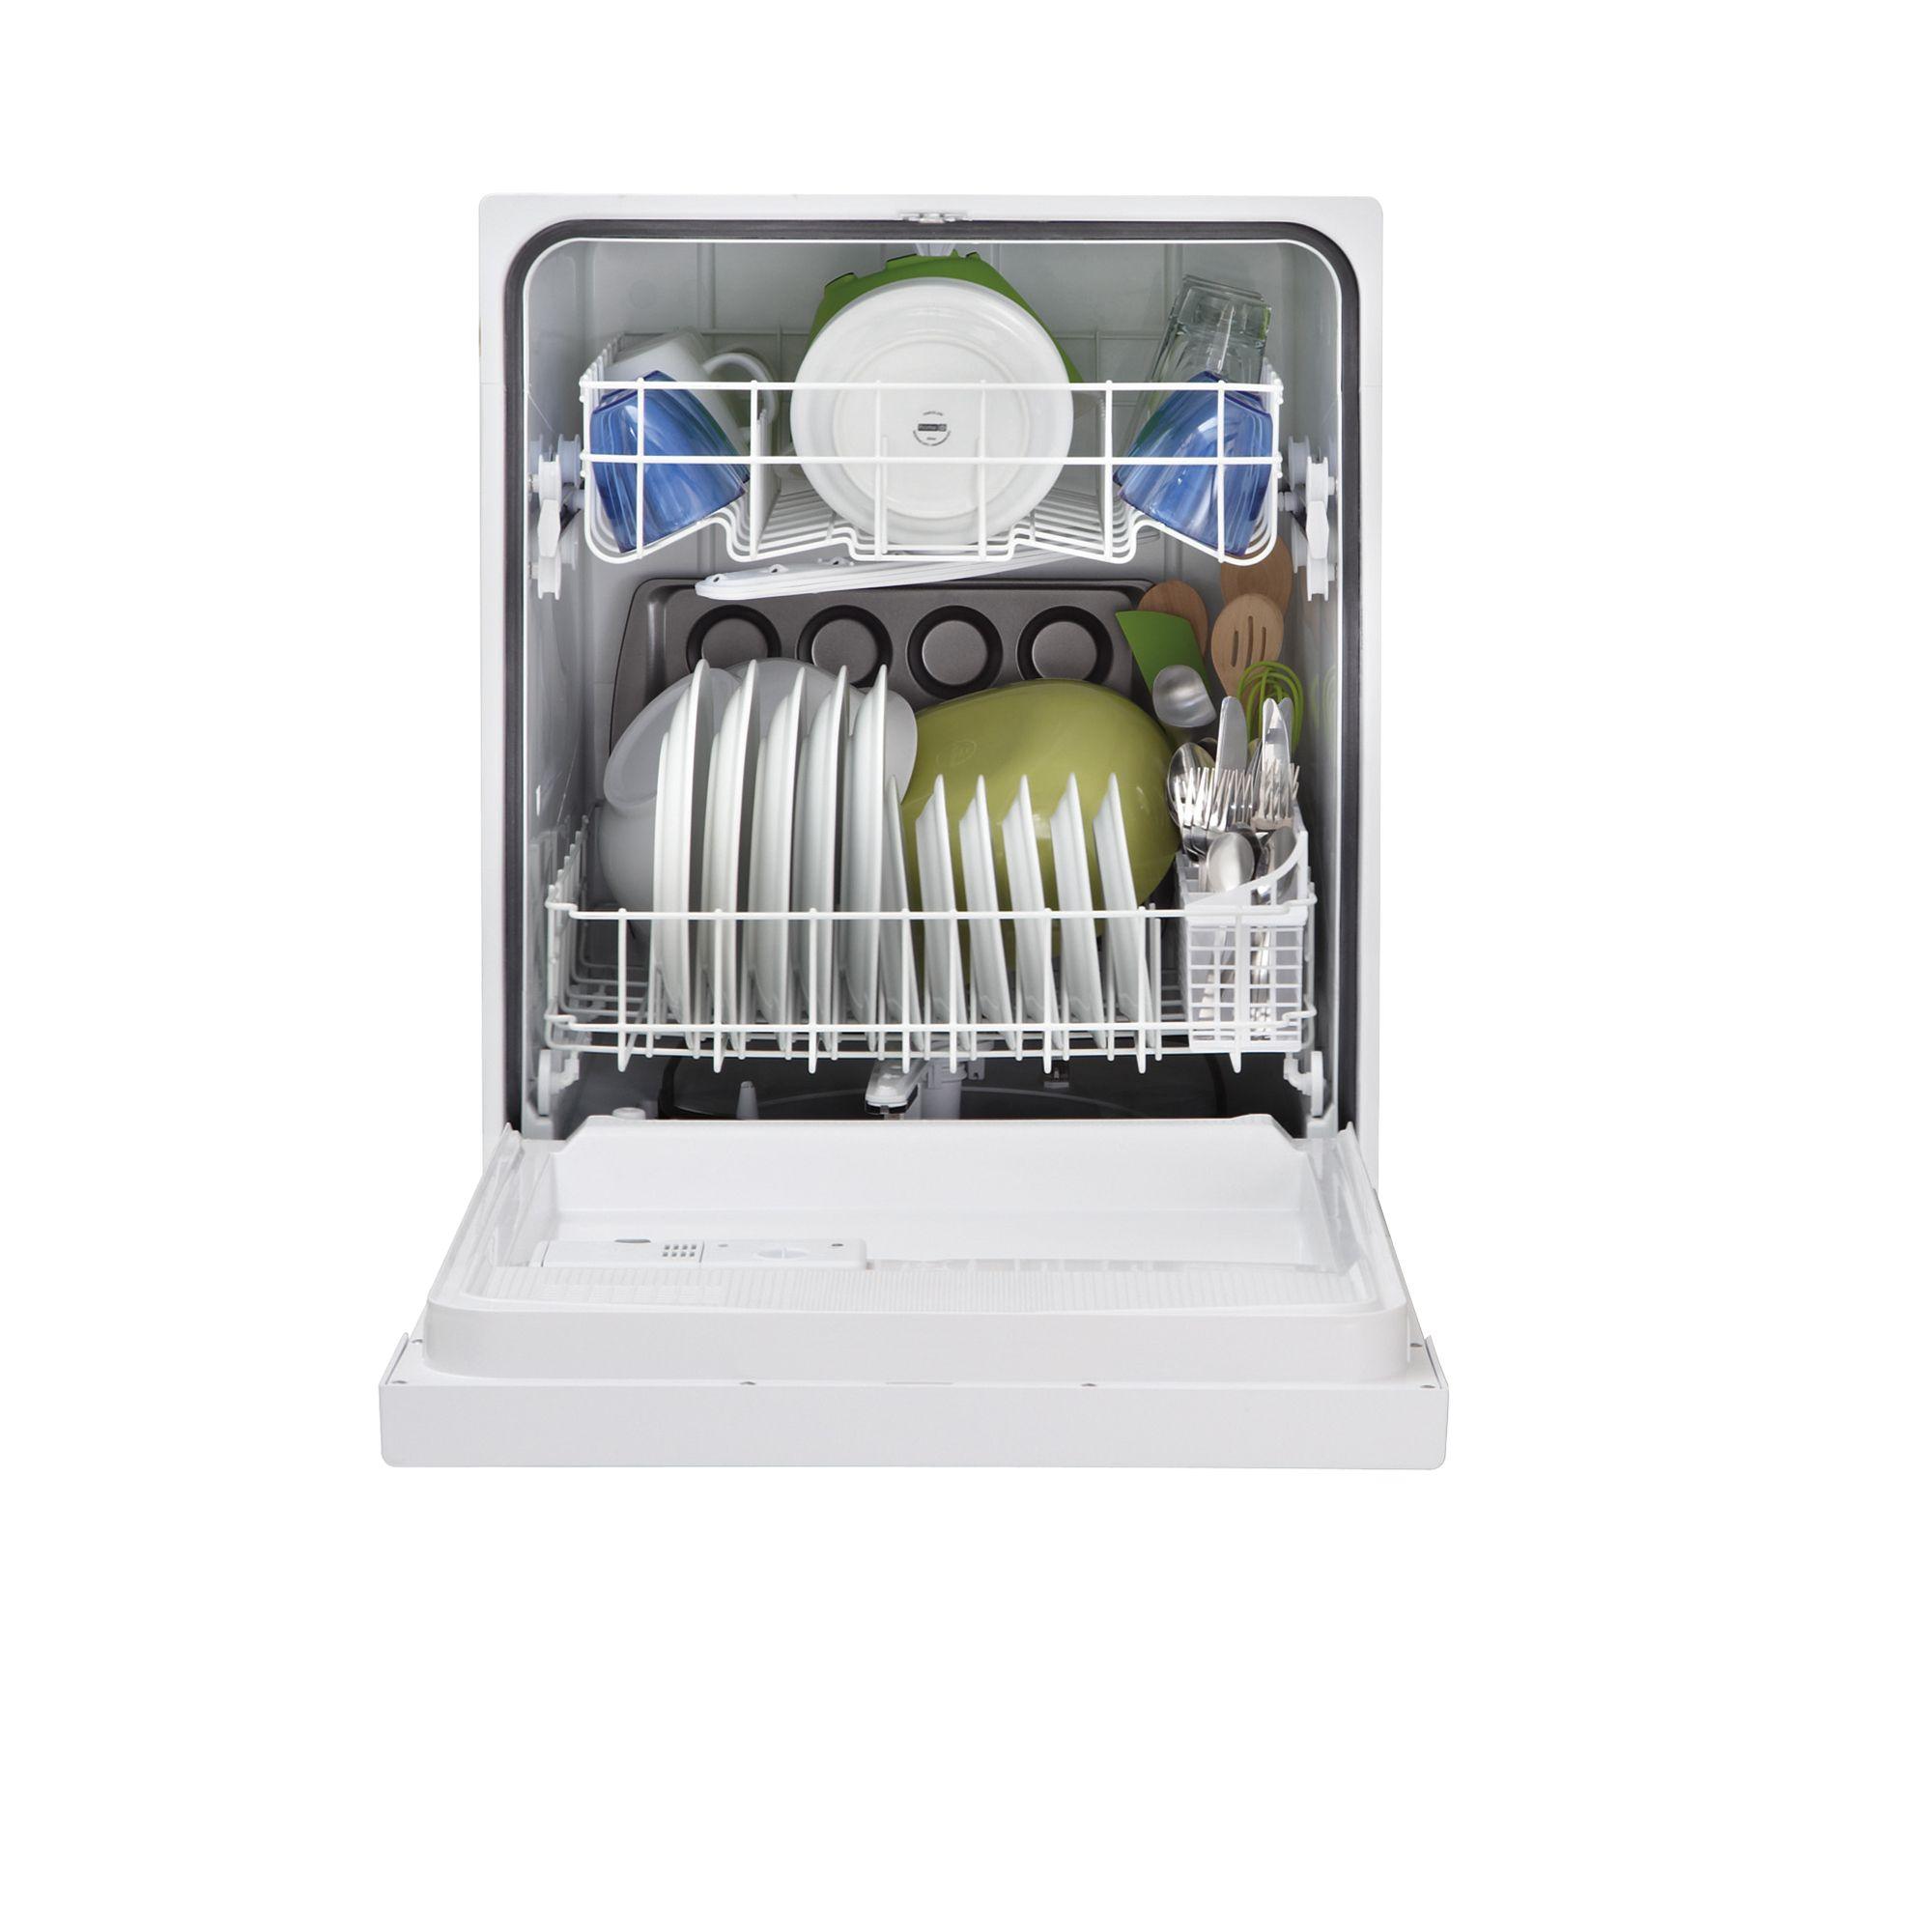 """Frigidaire 24"""" Built-In Dishwasher - Bisque"""